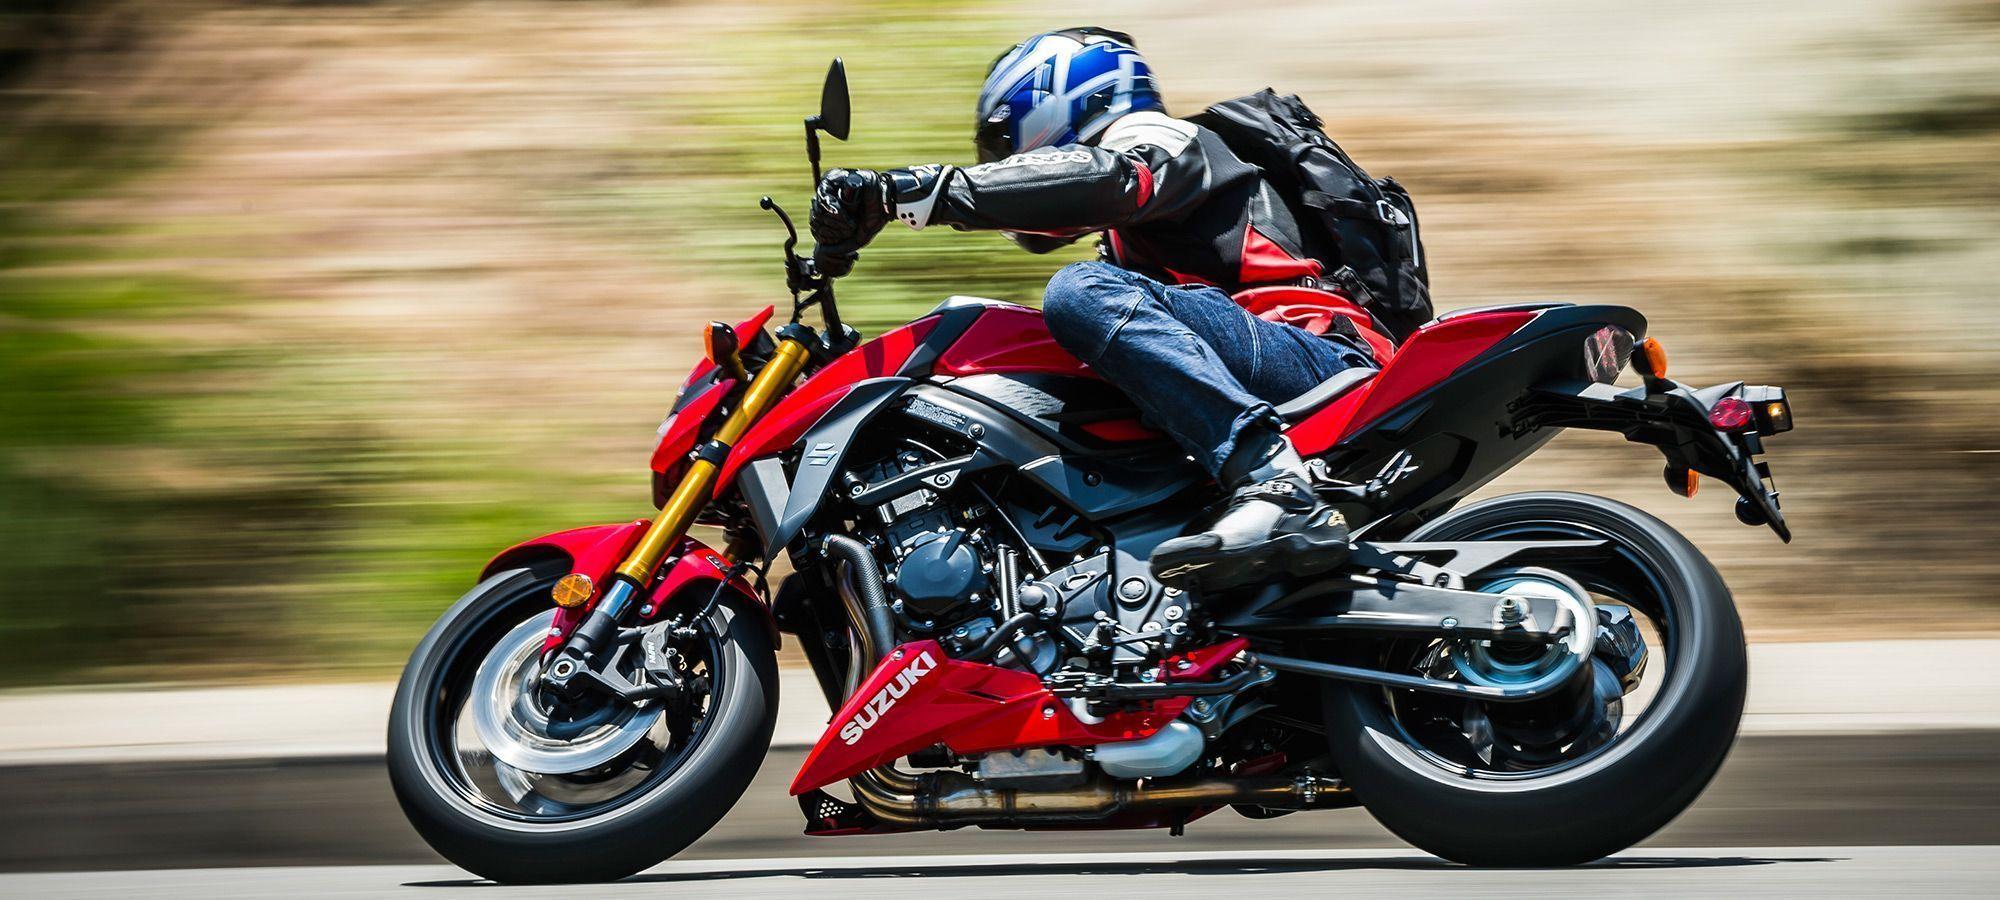 My Dream Motorcycles: [Đánh giá] [CycleWorld] KTM DUKE 390